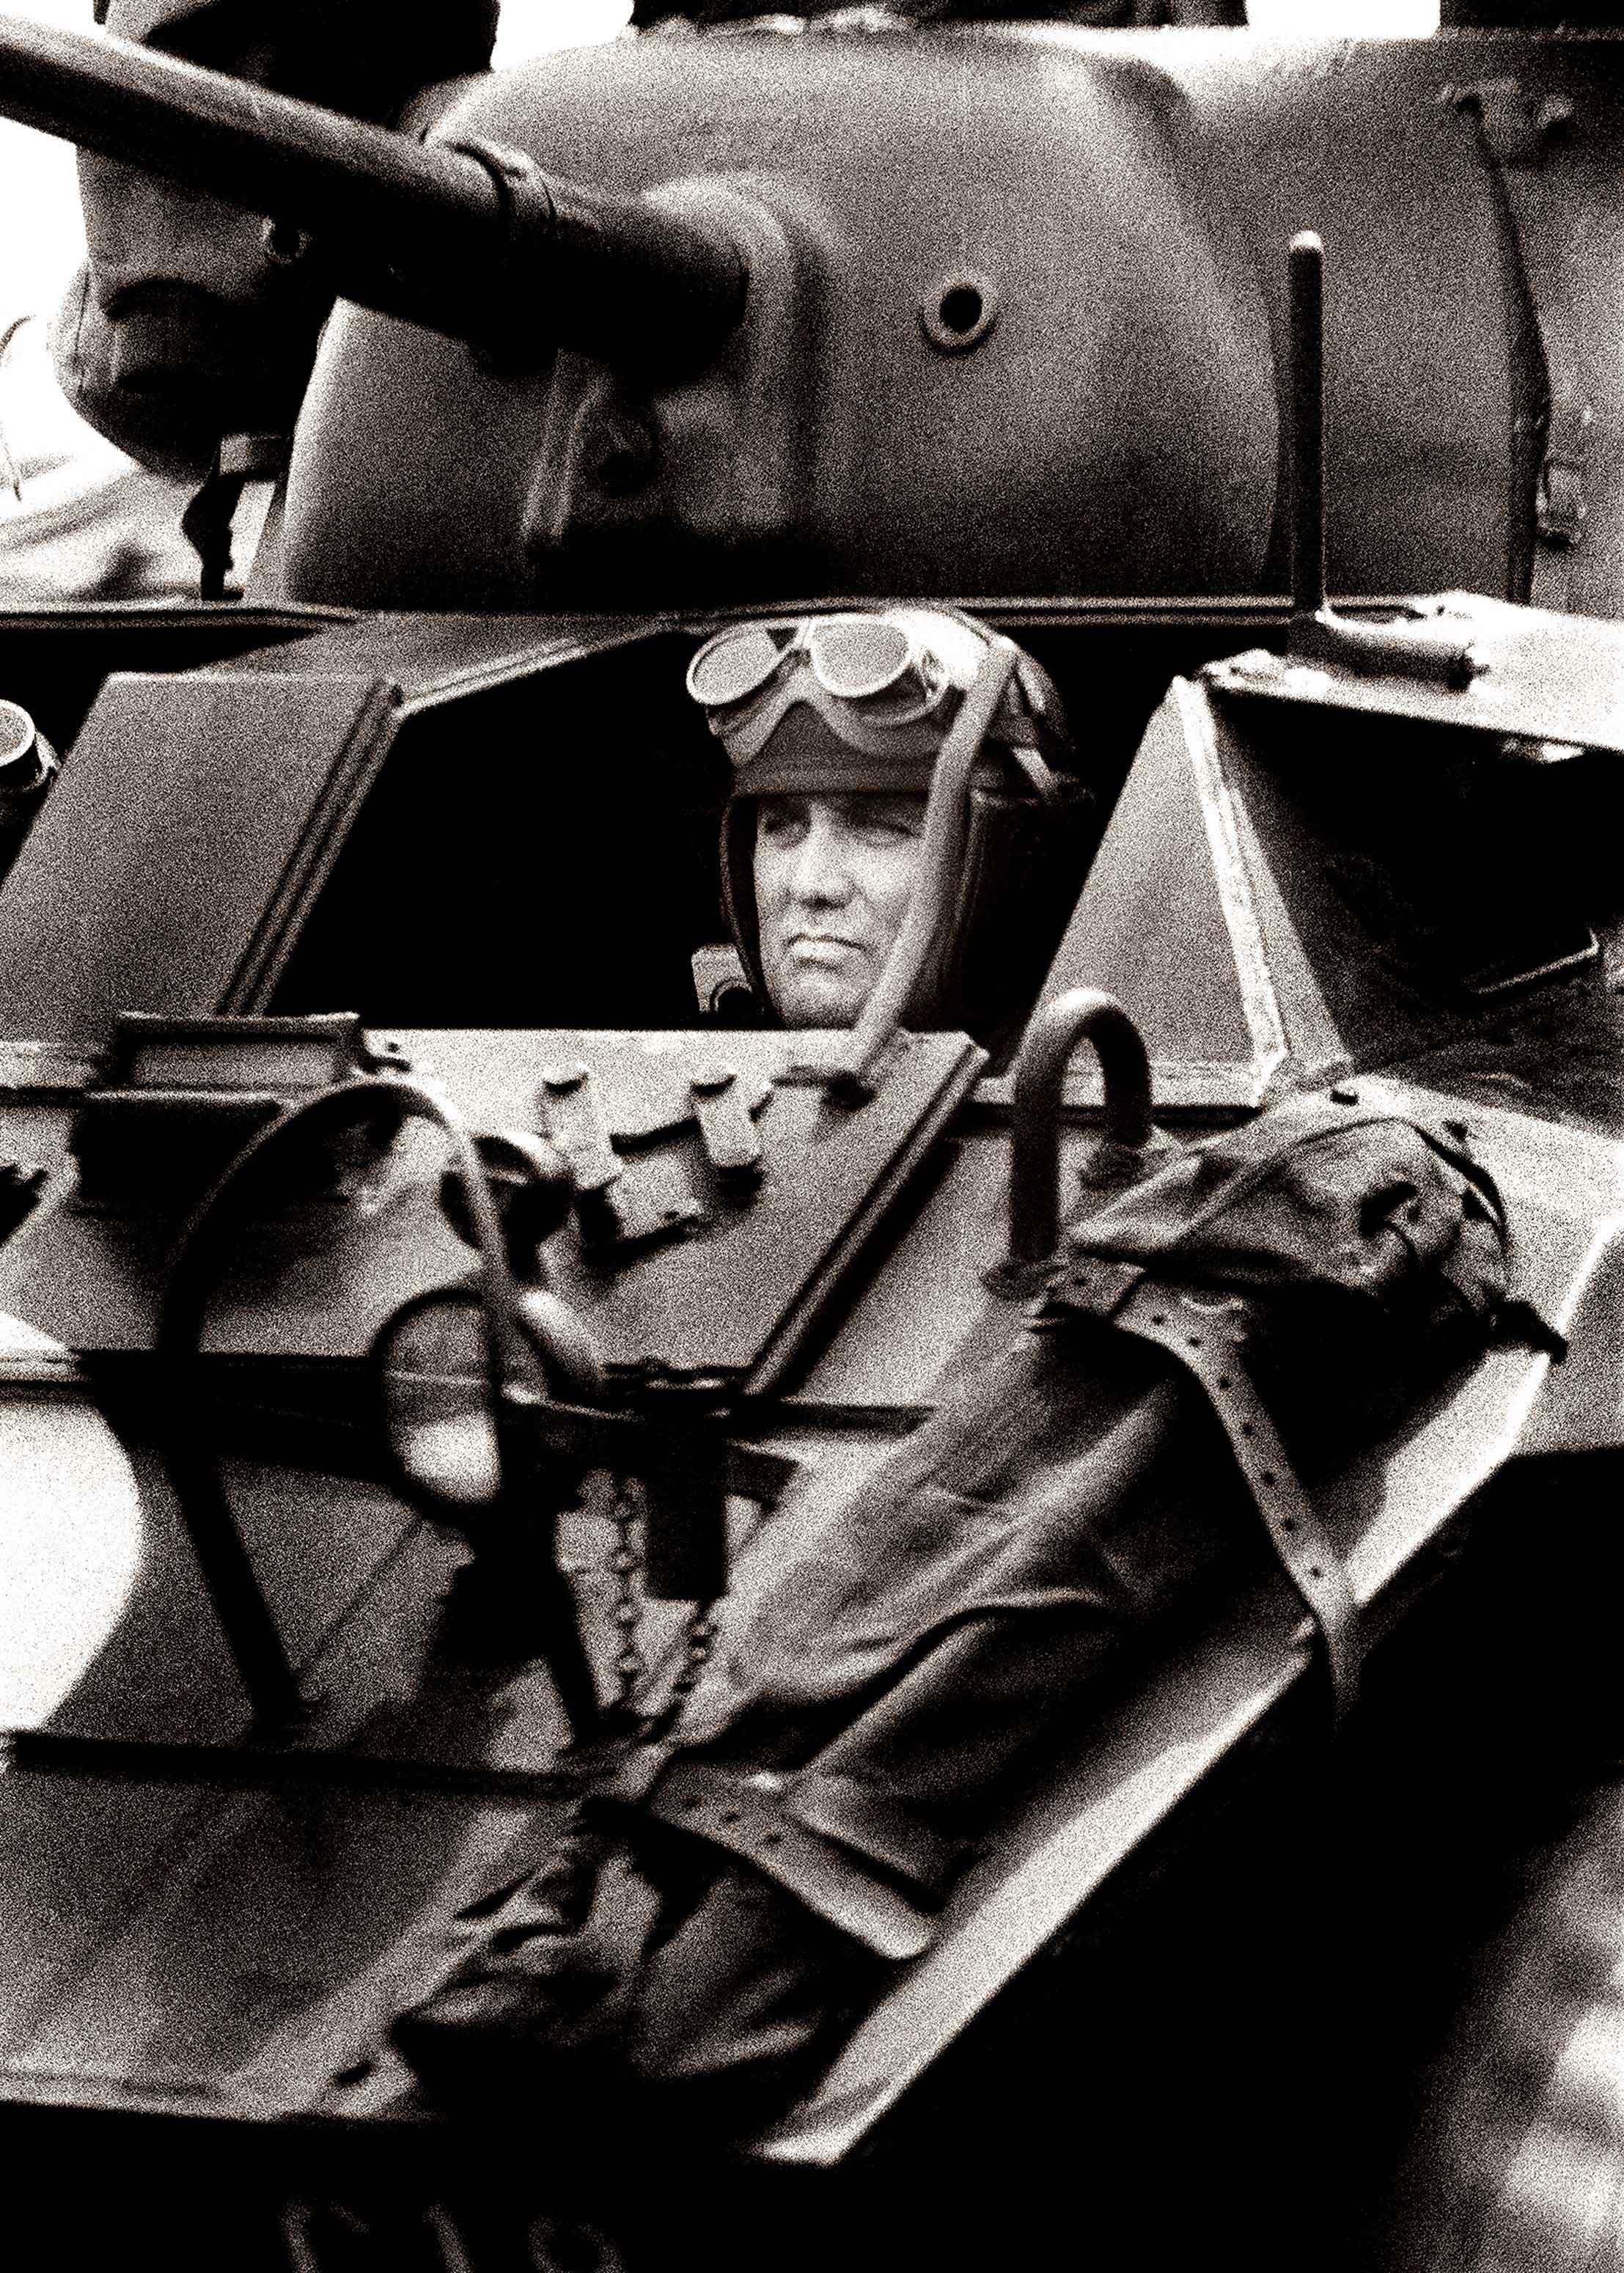 sherman tank ww2 black & white